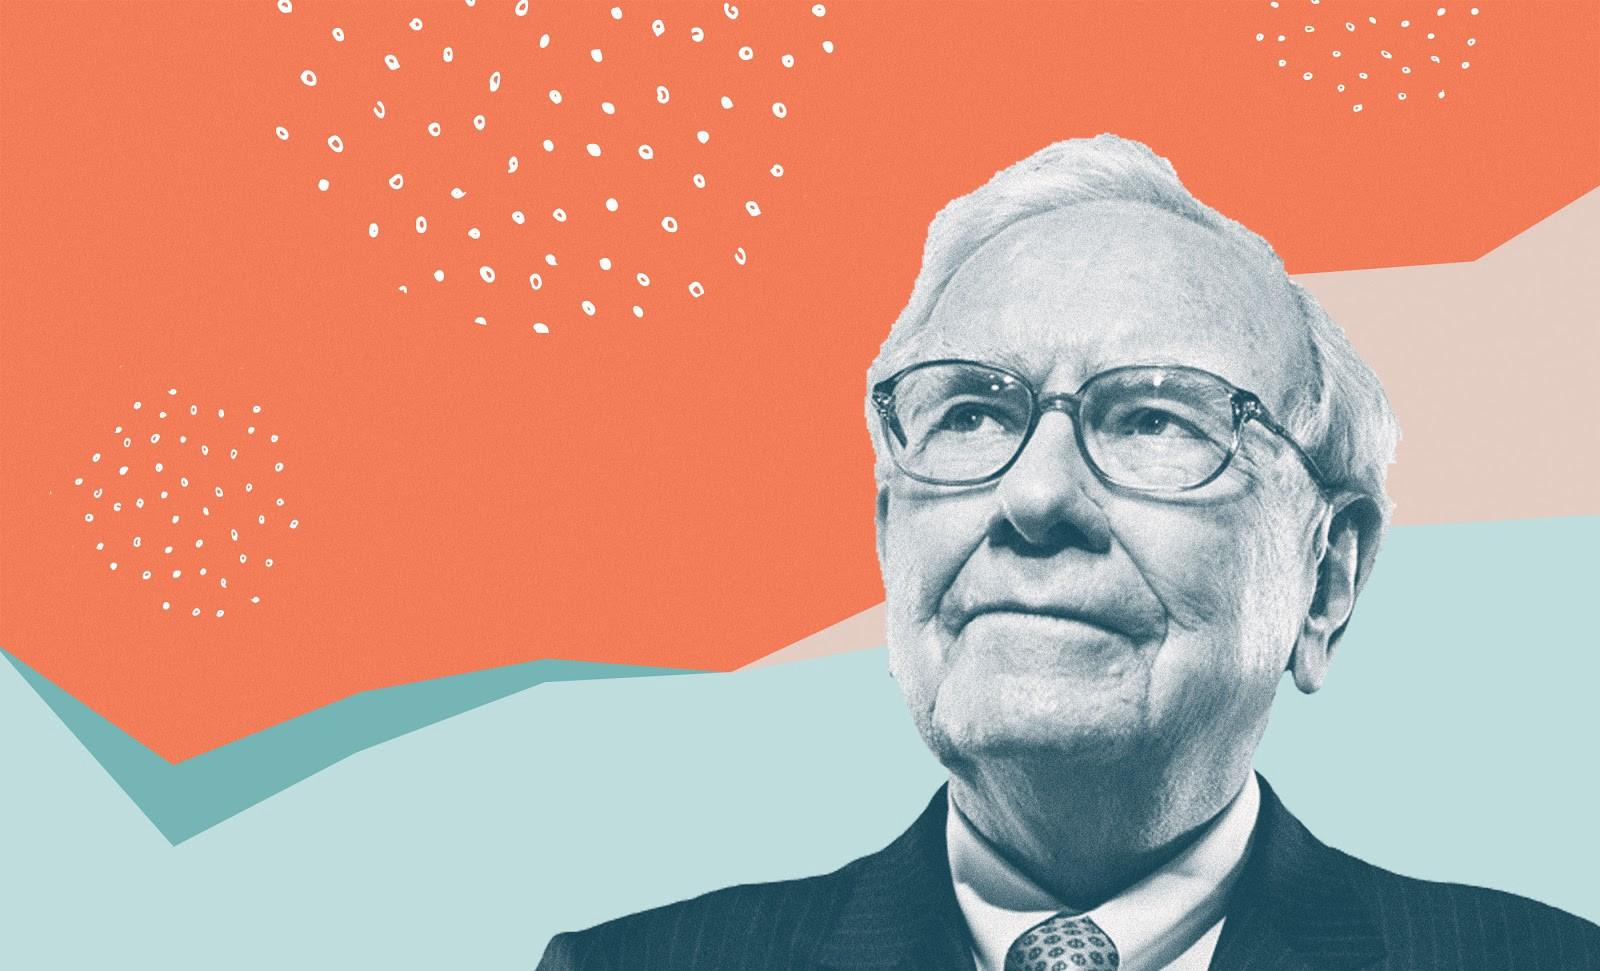 [Infografic] Số tiền Warren Buffett kiếm được một ngày còn nhiều hơn số tiền kiếm được cả đời của nhiều người và đây là 10 lời khuyên hữu ích về đầu tư tài chính của nhà tài phiệt